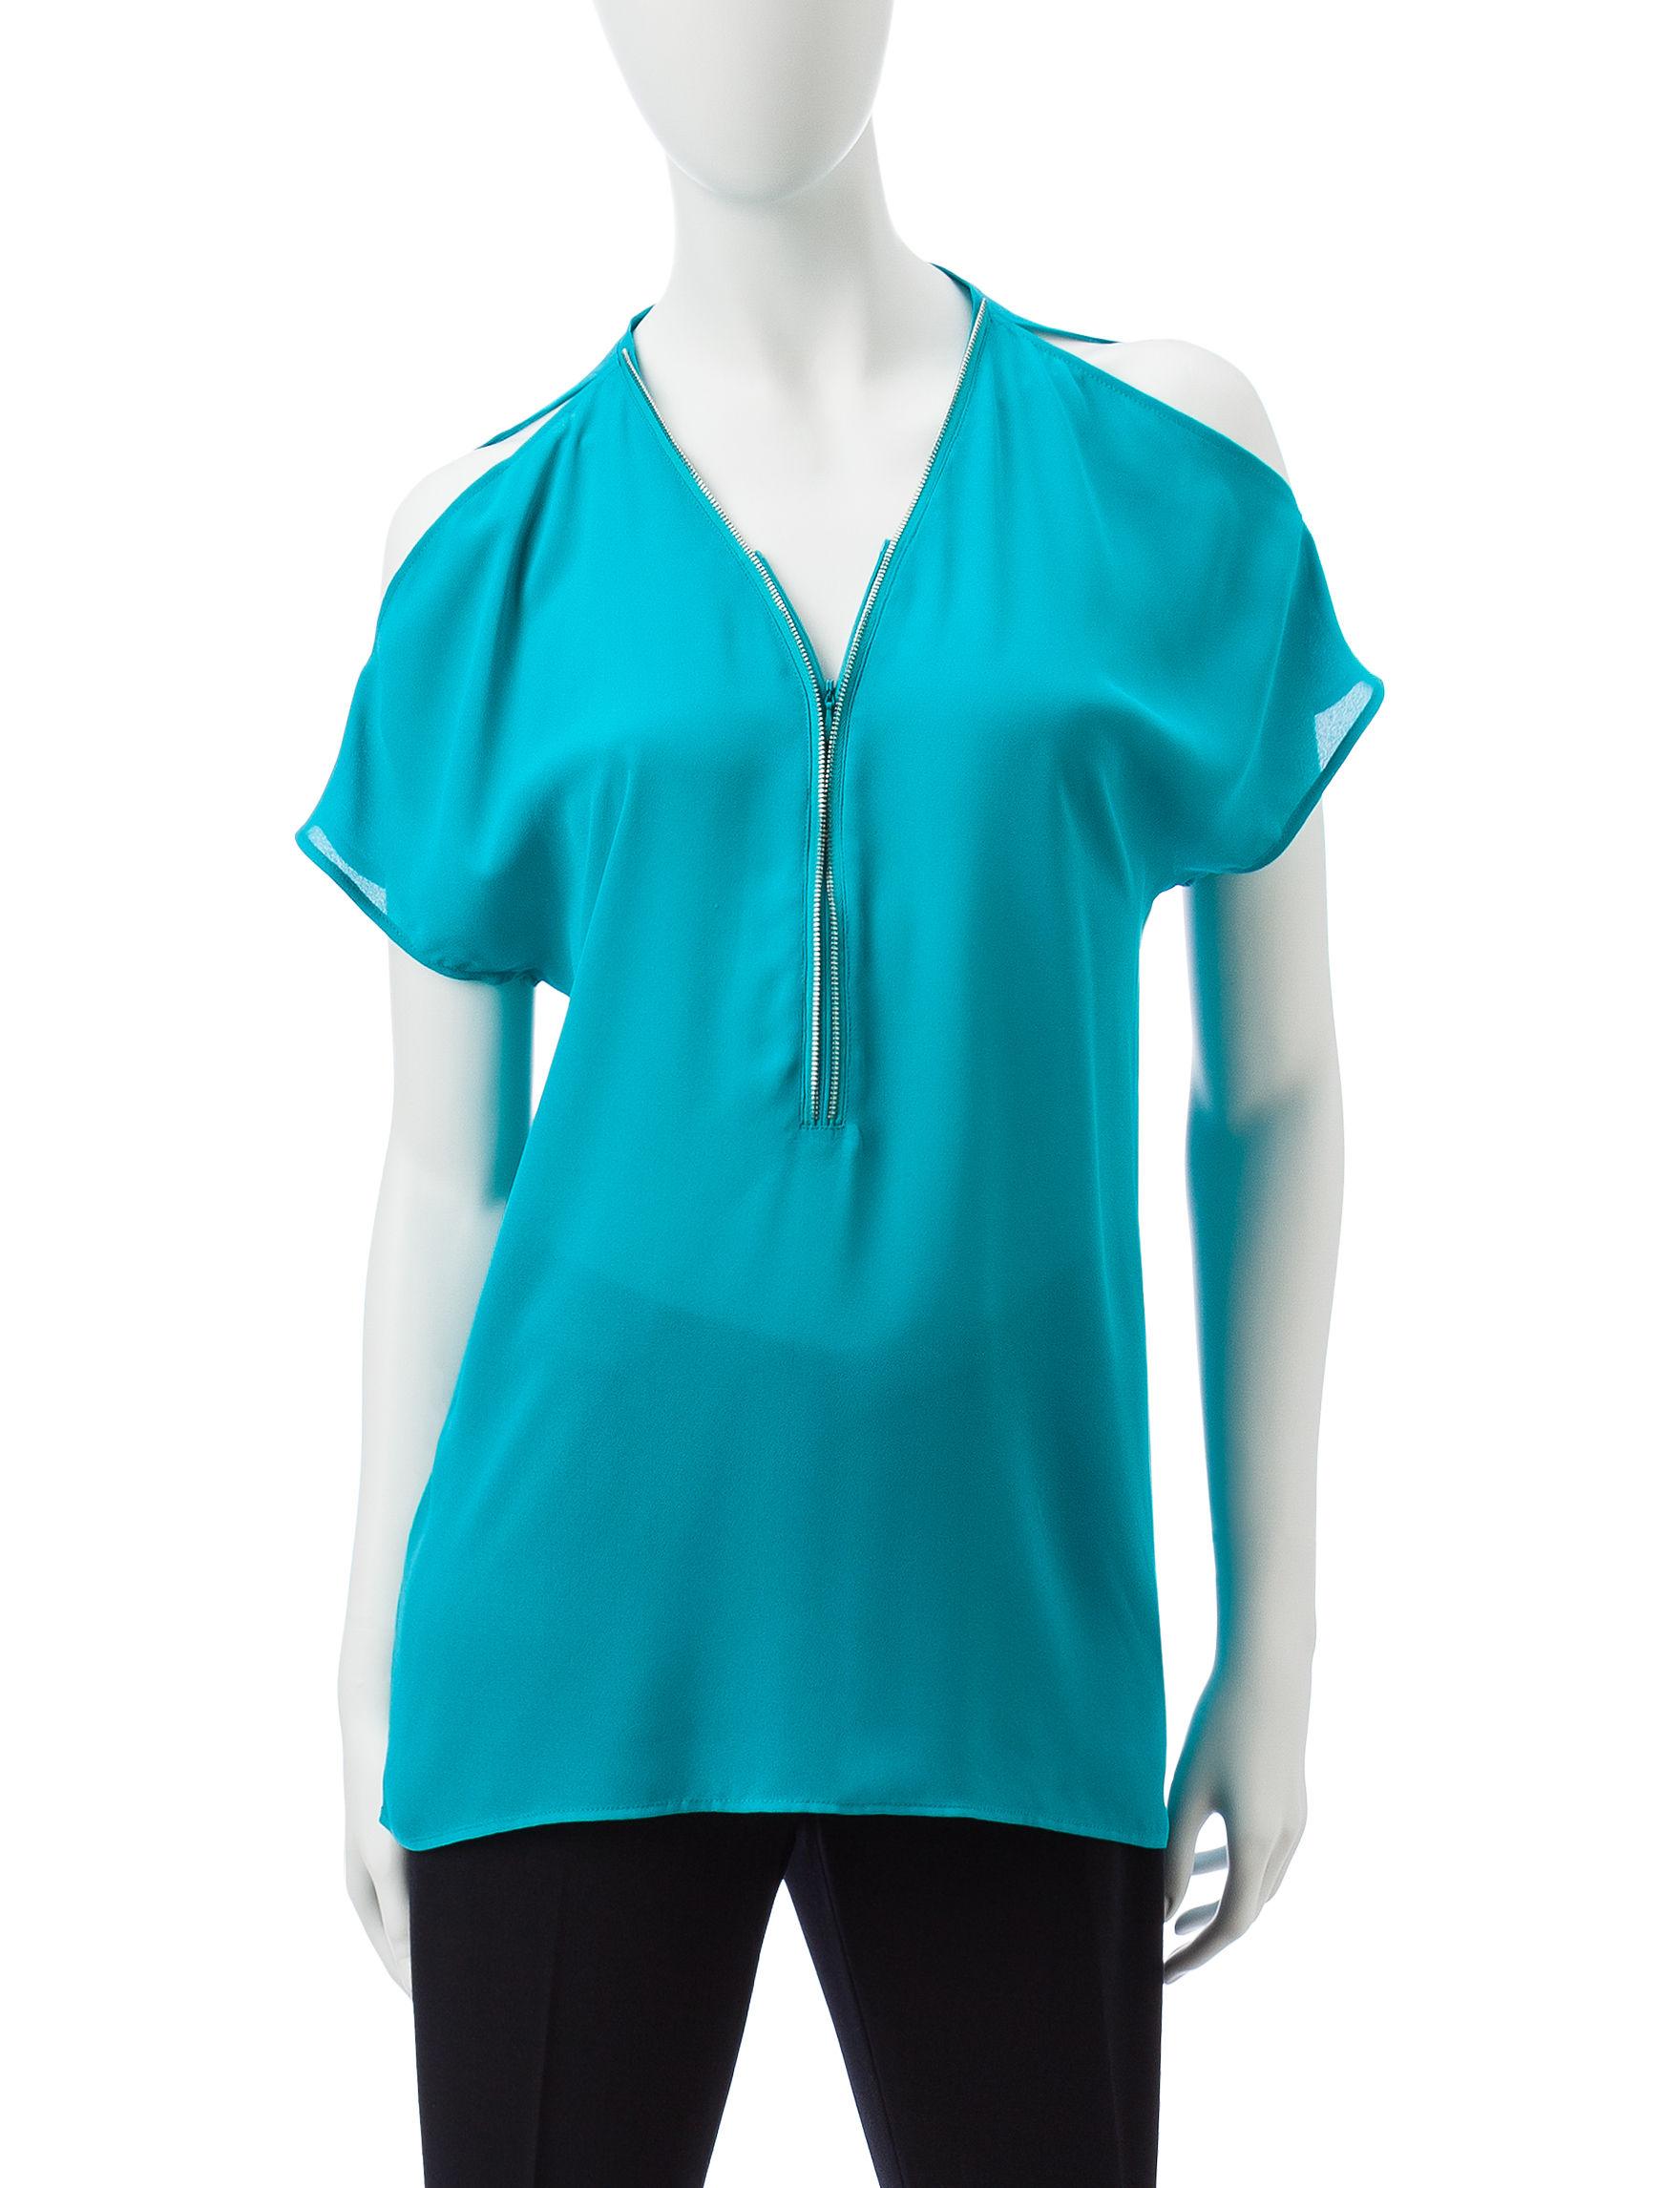 Valerie Stevens Turquoise Shirts & Blouses